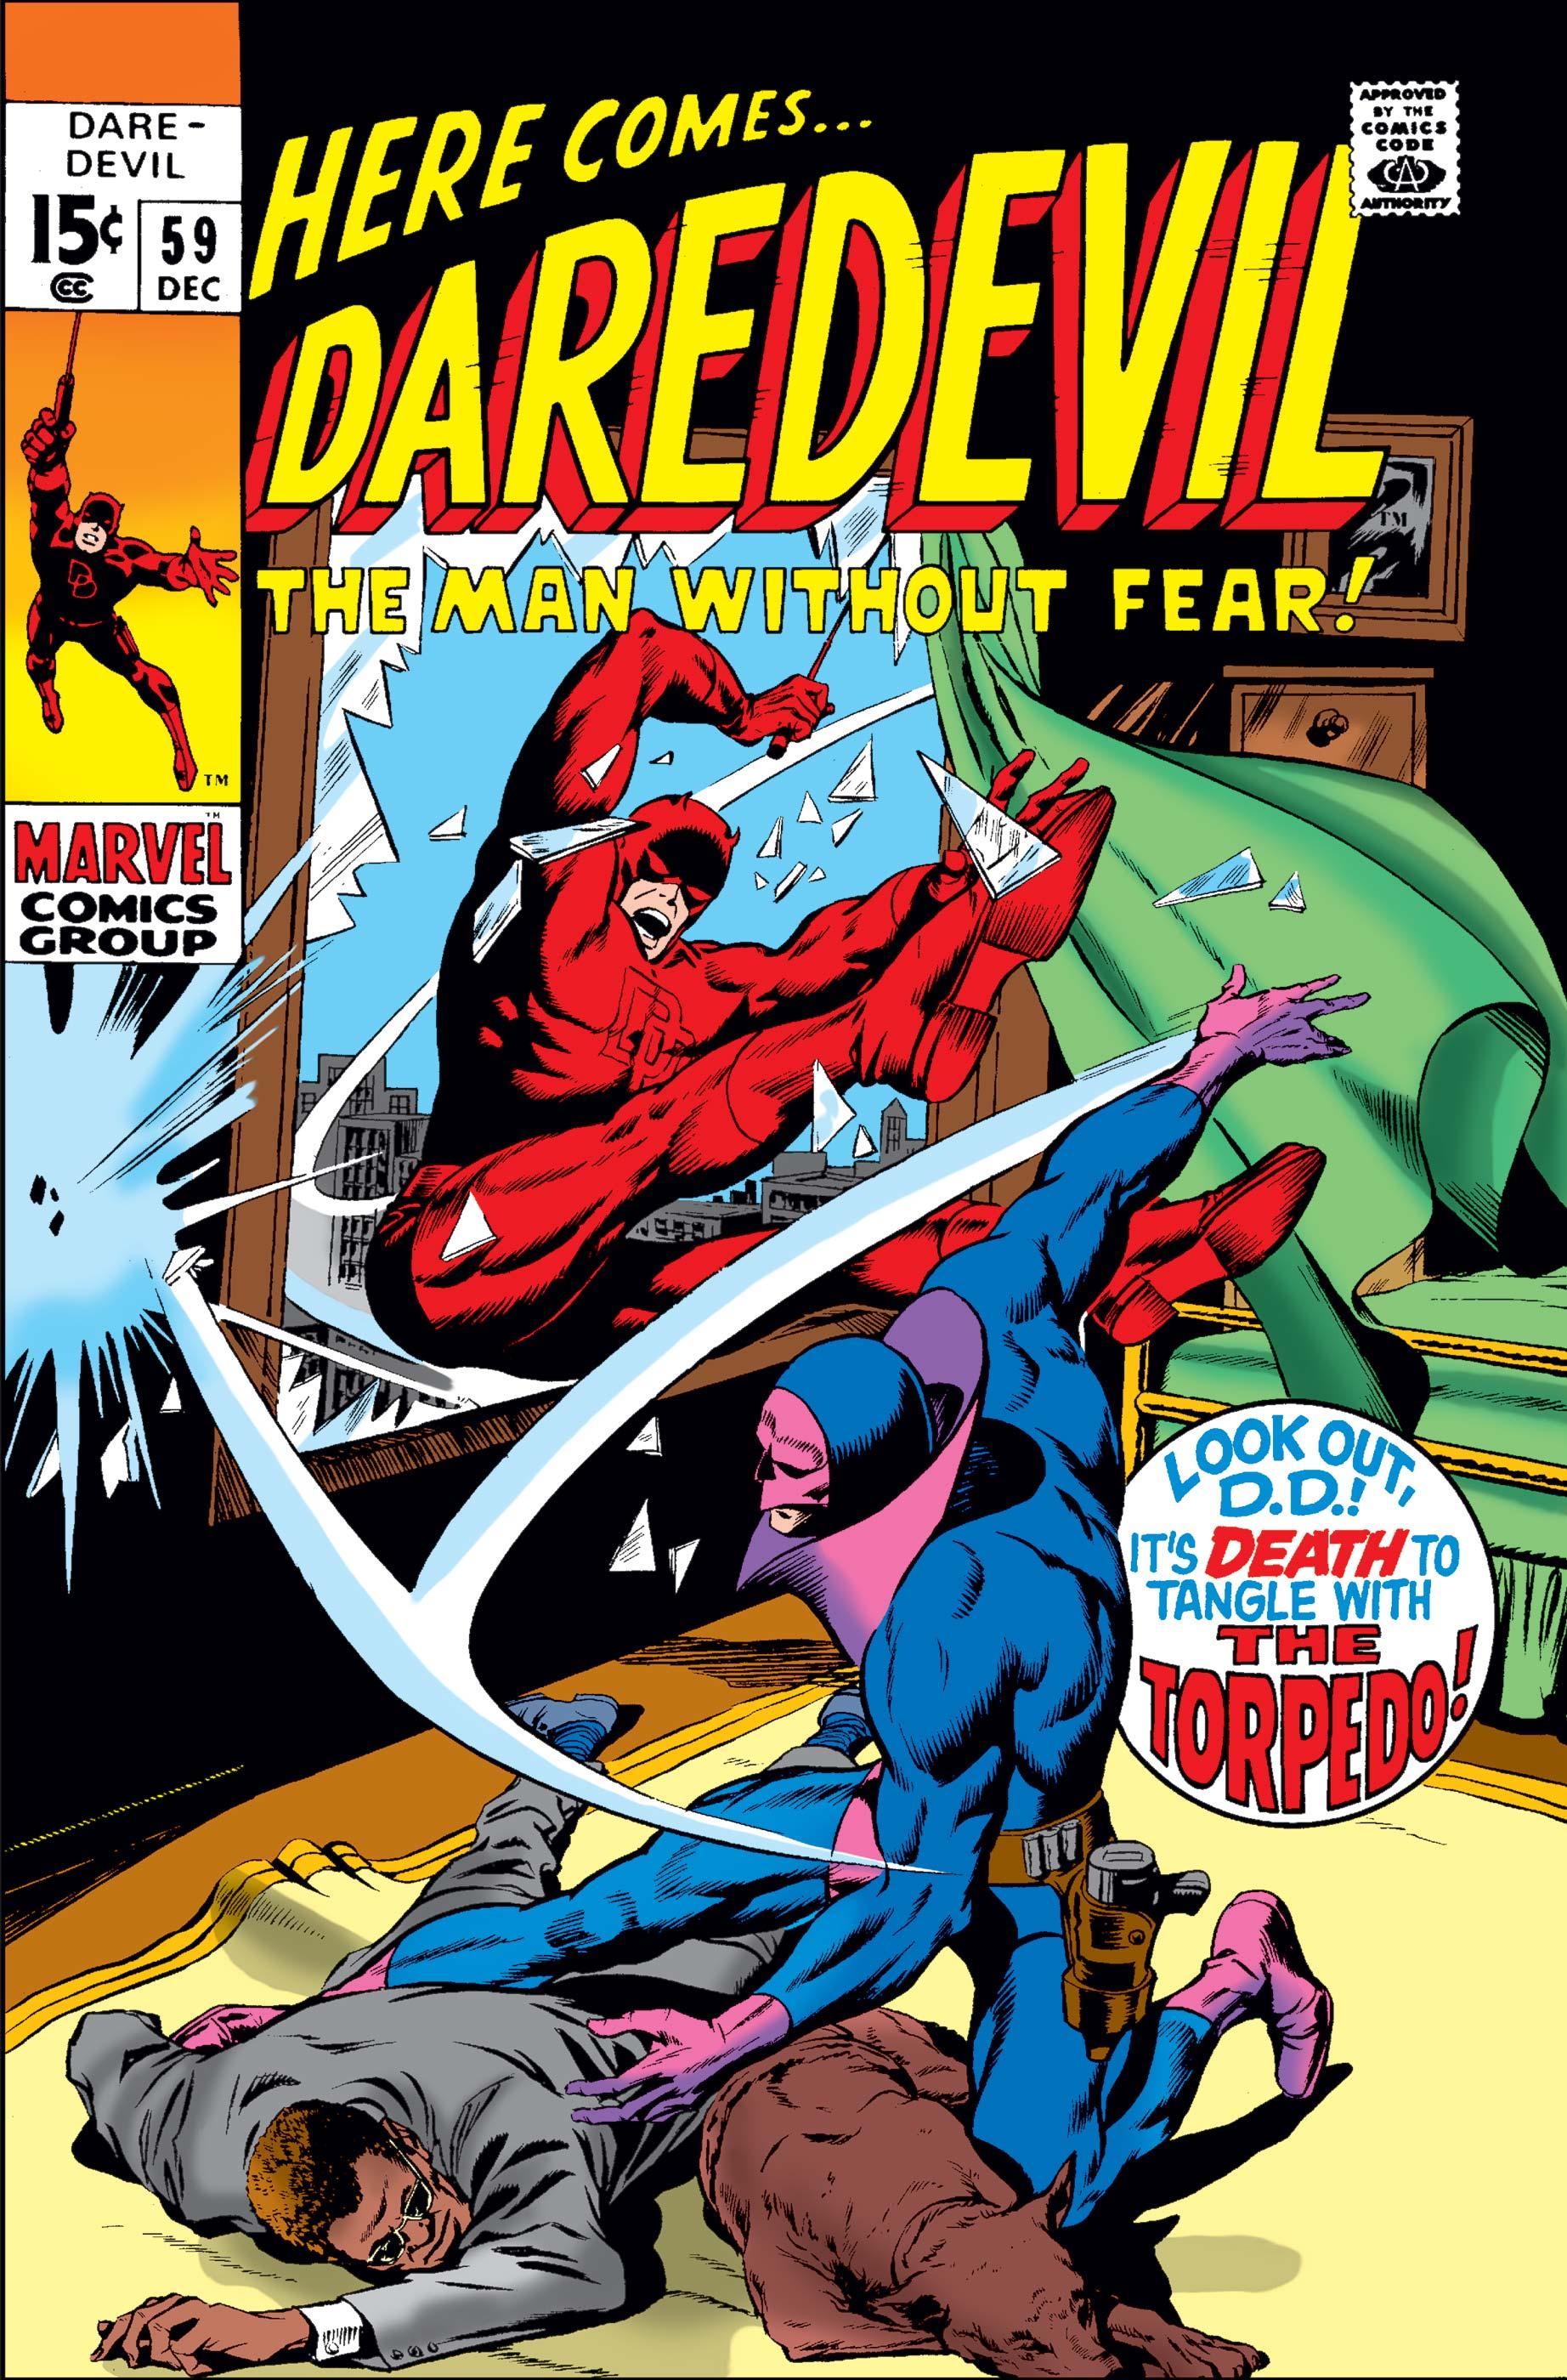 Daredevil (1964) #59